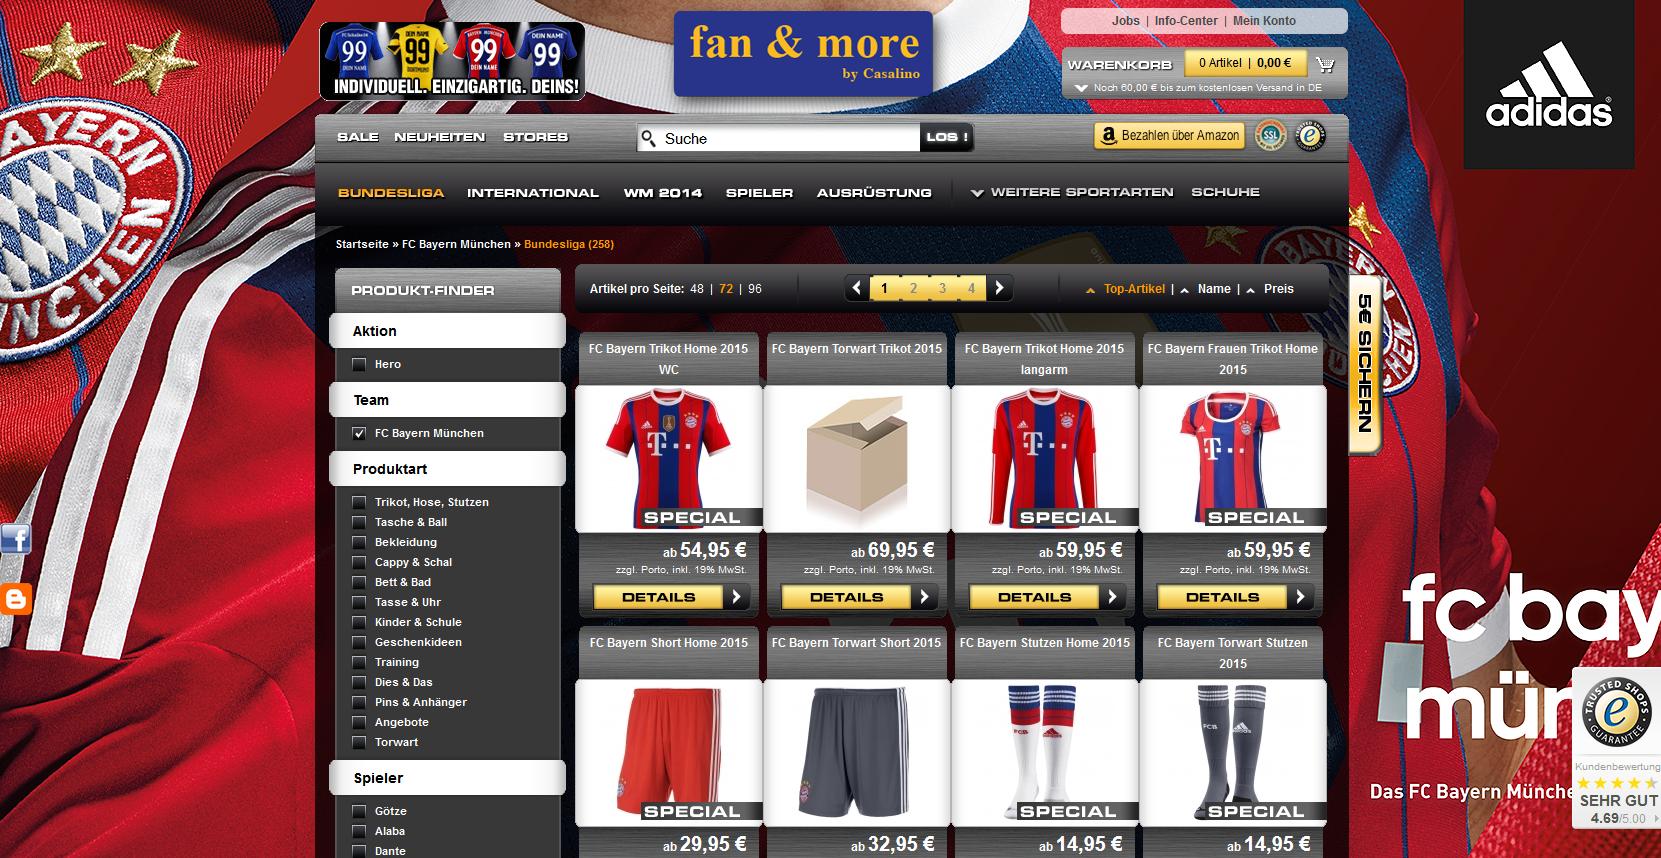 Fußball-Fanartikel kaufen